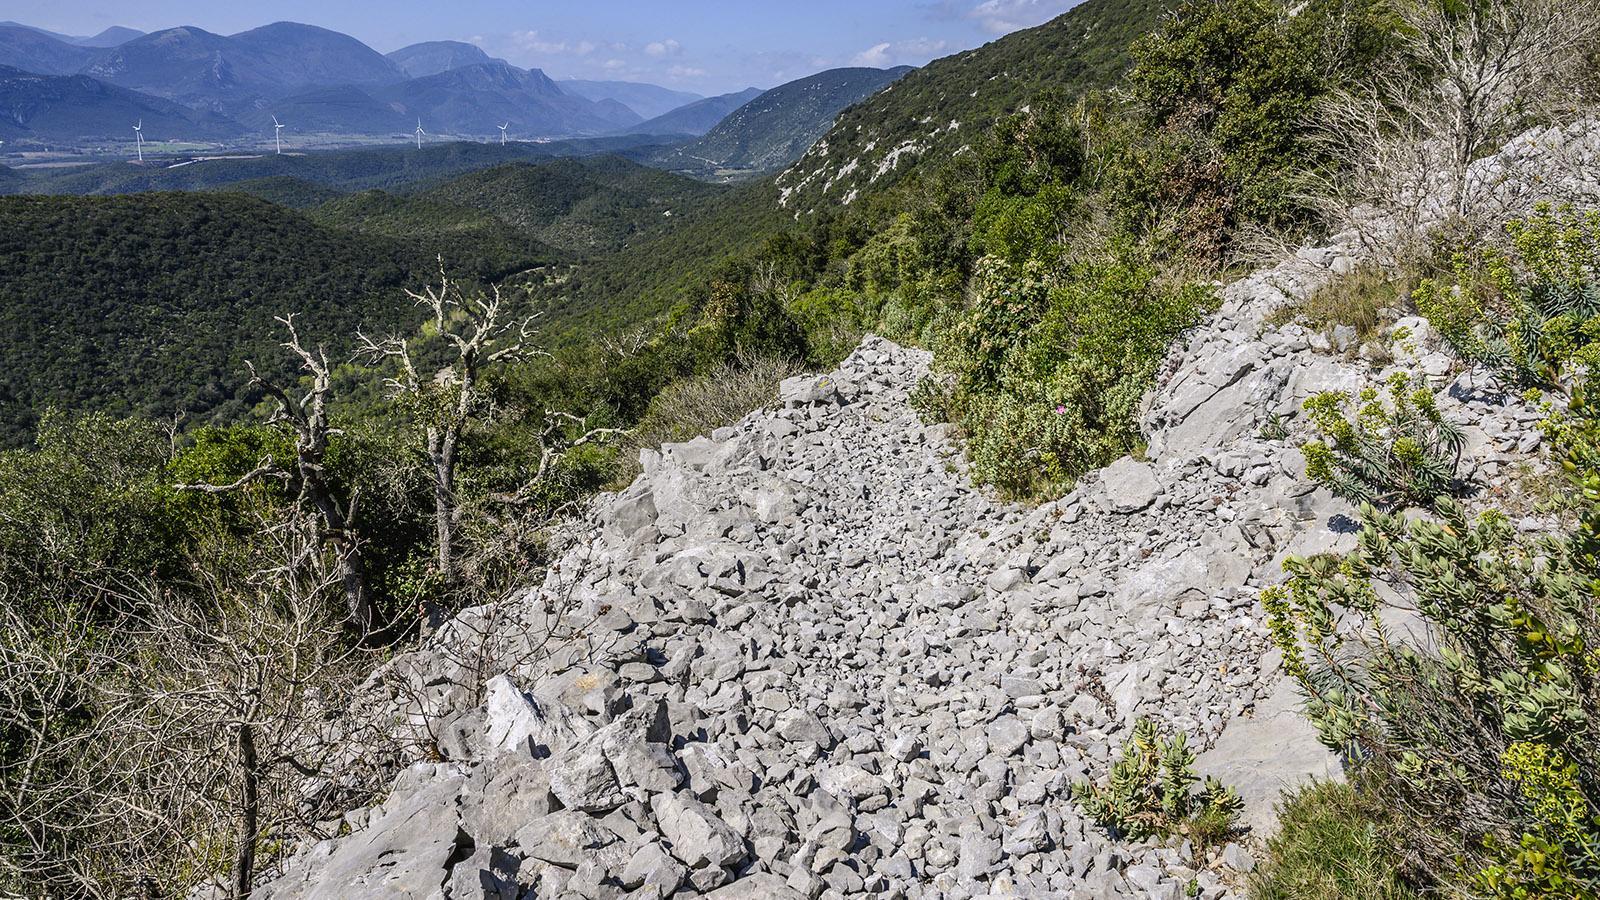 Die einzige größere Geröllpassage bei der Wanderung begegnet euch beim Abstieg nach Prugnanes. Vorsicht bei den lockeren Steinen! Foto: Hilke Maunder